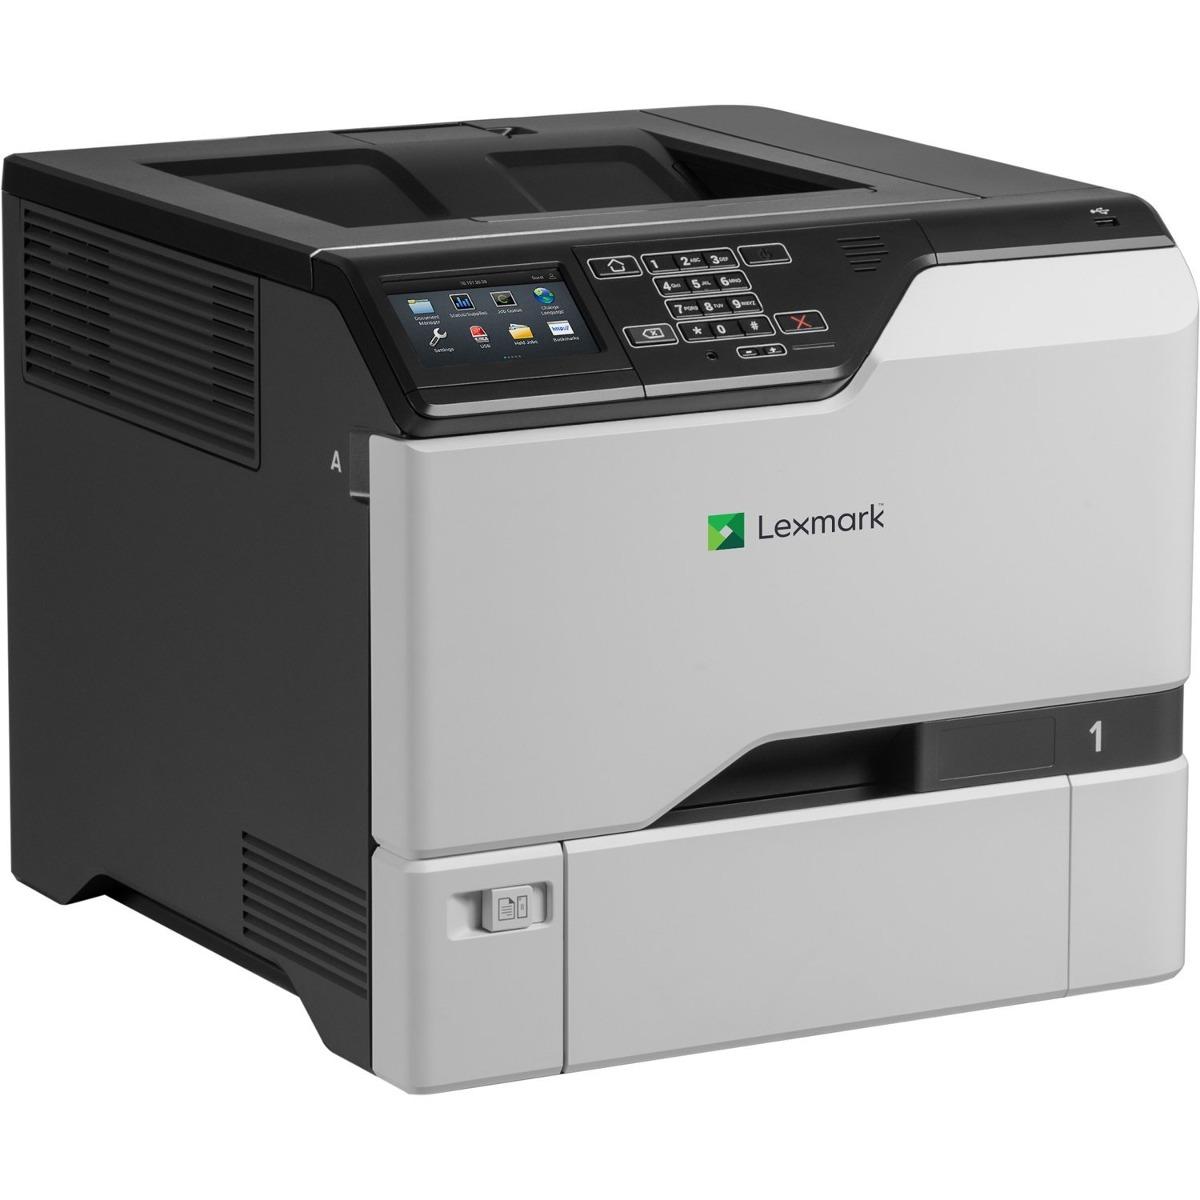 Vistoso Impresora Láser A Color Revisa El Costo Por Página Adorno ...